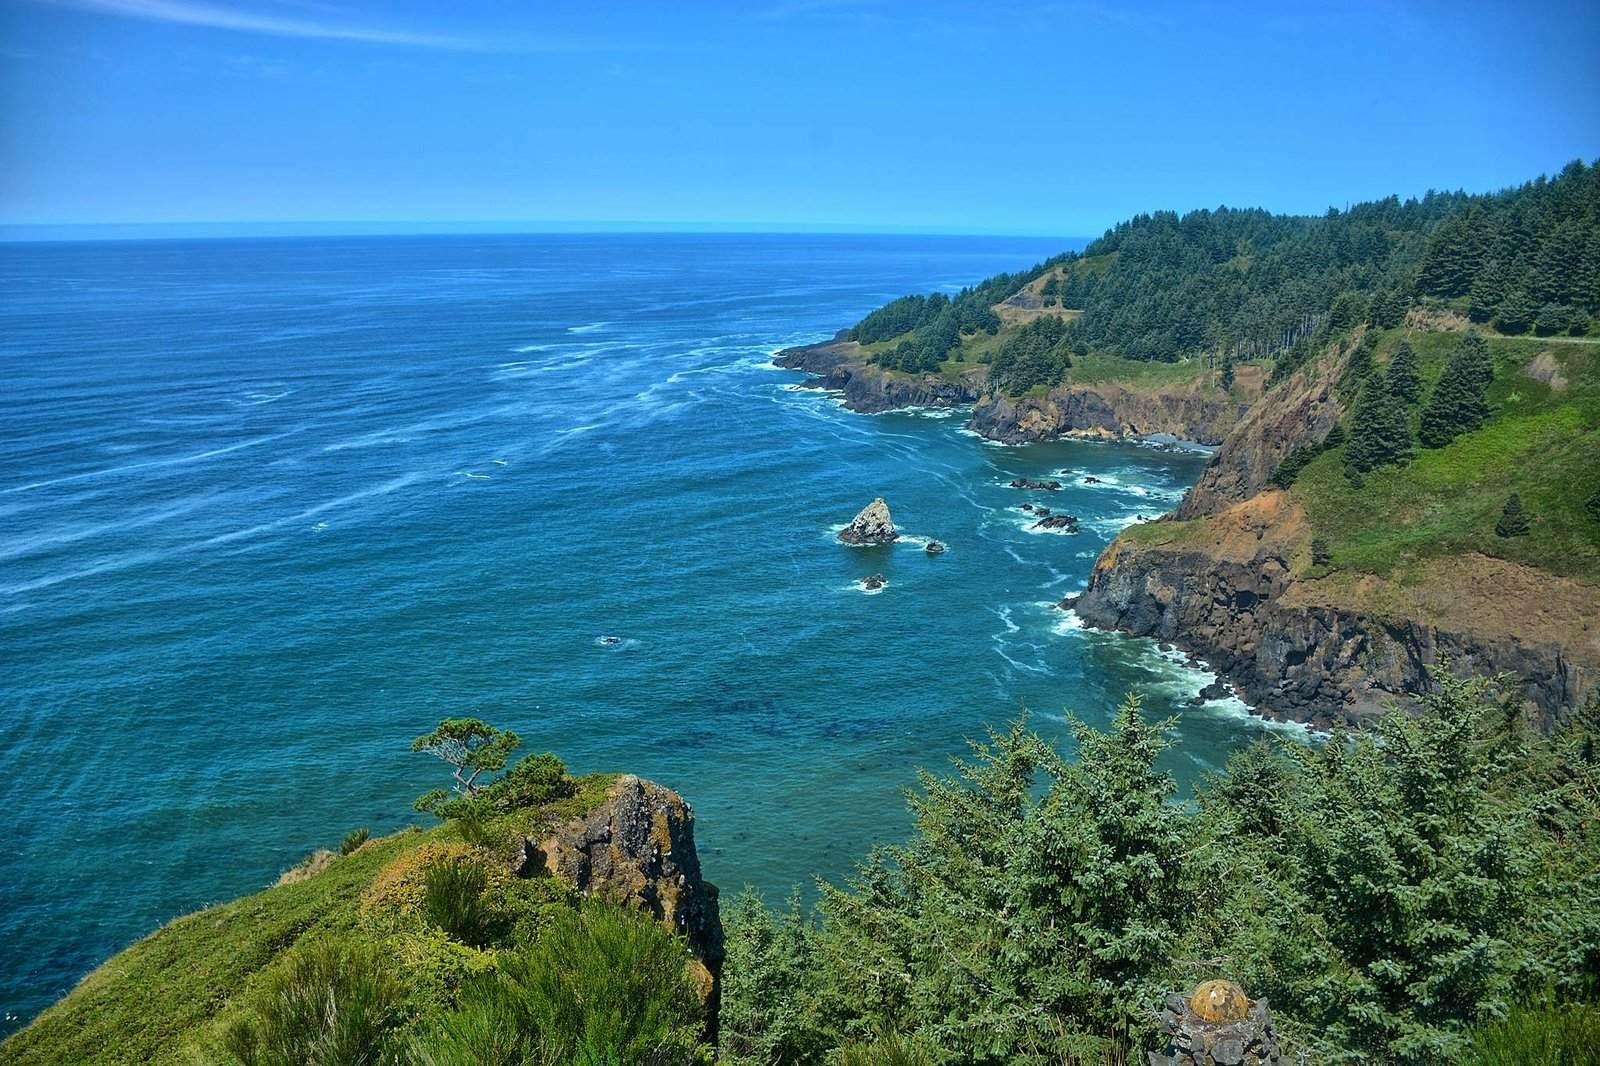 oregon coast5 Day at Oregon Coast